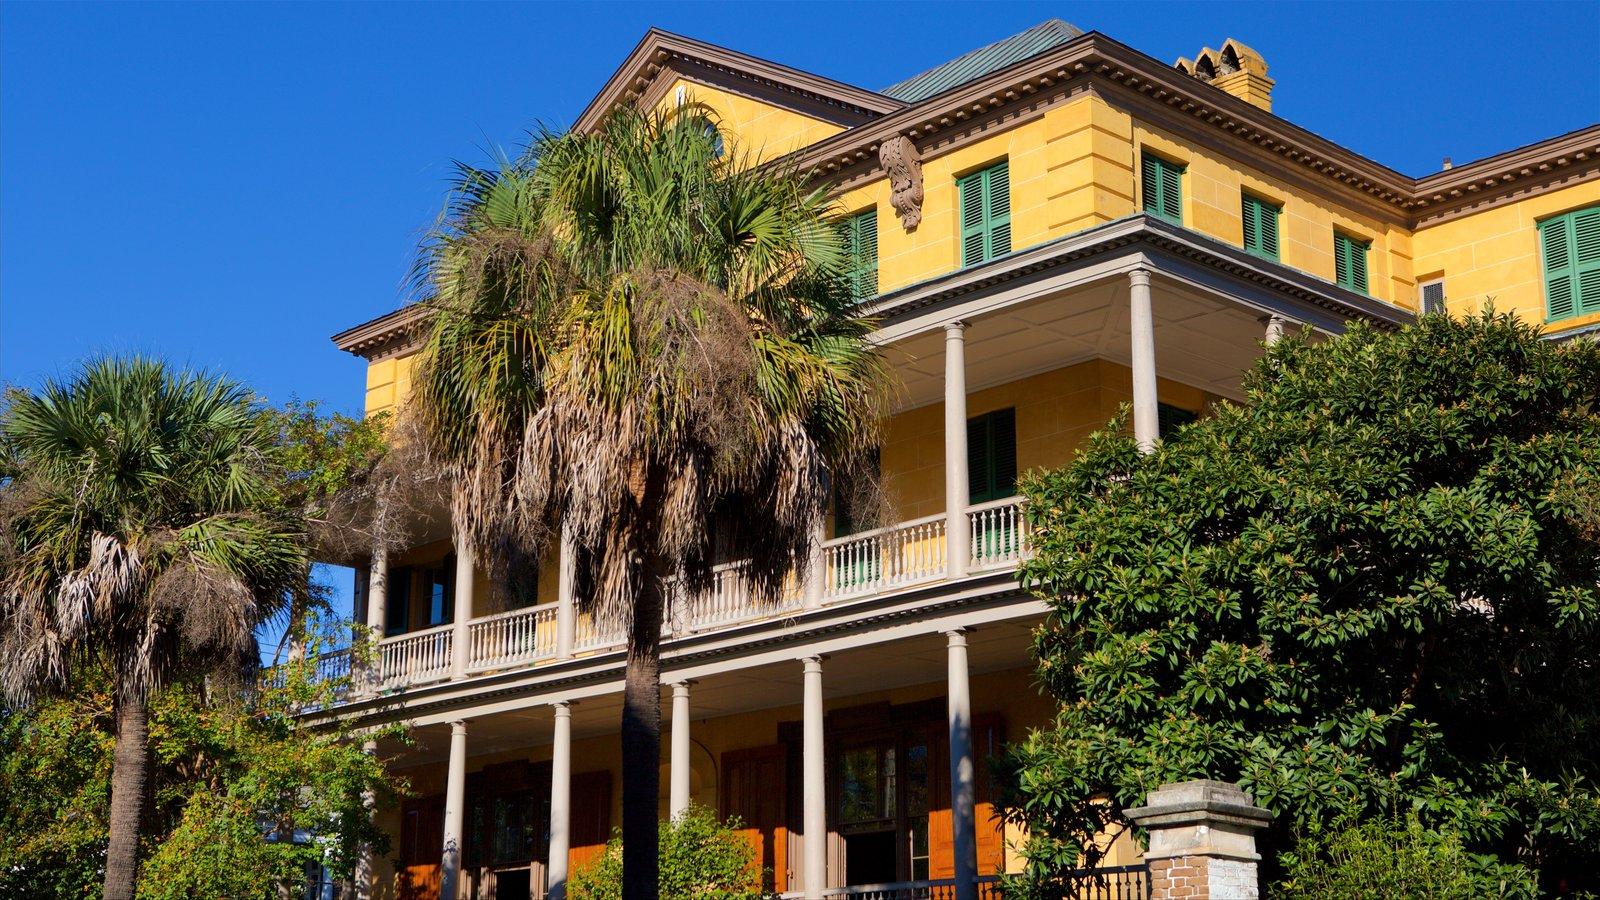 Aiken-Rhett House que inclui uma casa e elementos de patrimônio